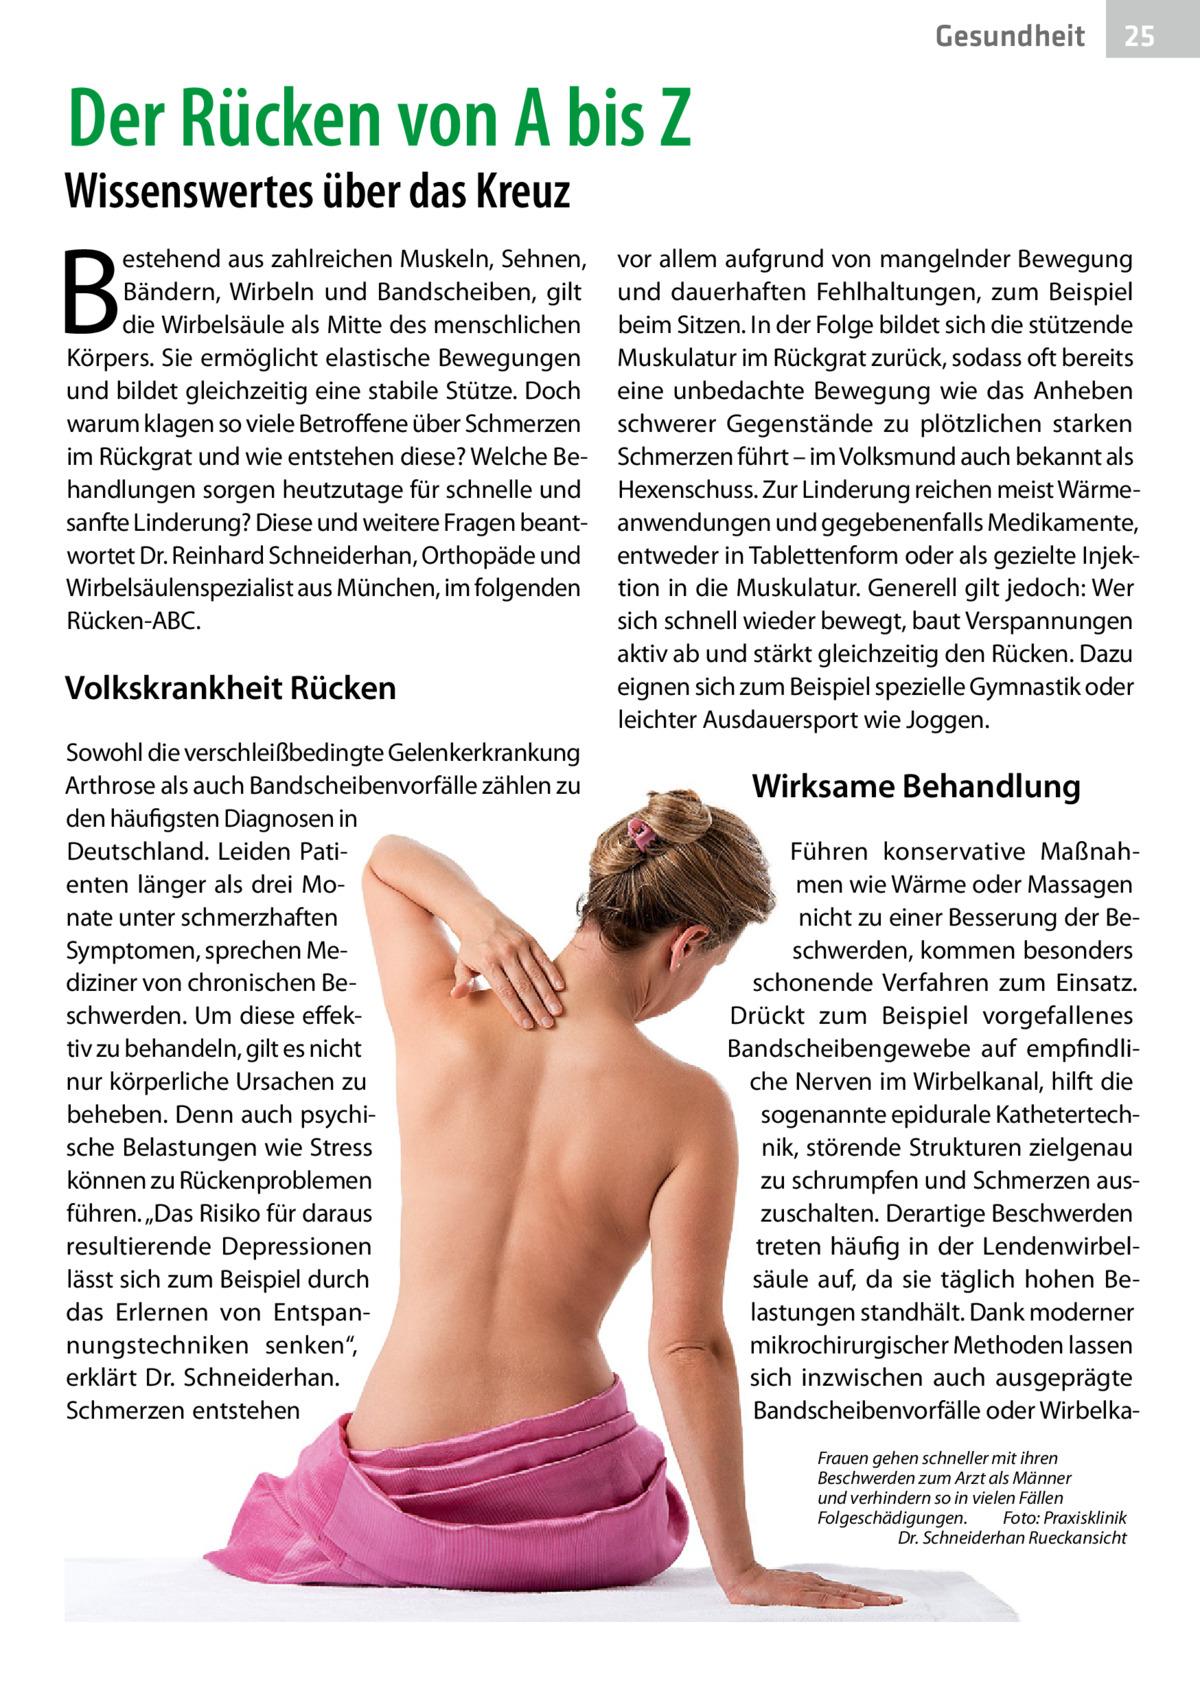 """Gesundheit  25  Der Rücken von A bis Z  Wissenswertes über das Kreuz  B  estehend aus zahlreichen Muskeln, Sehnen, Bändern, Wirbeln und Bandscheiben, gilt die Wirbelsäule als Mitte des menschlichen Körpers. Sie ermöglicht elastische Bewegungen und bildet gleichzeitig eine stabile Stütze. Doch warum klagen so viele Betroffene über Schmerzen im Rückgrat und wie entstehen diese? Welche Behandlungen sorgen heutzutage für schnelle und sanfte Linderung? Diese und weitere Fragen beantwortet Dr.Reinhard Schneiderhan, Orthopäde und Wirbelsäulenspezialist aus München, im folgenden Rücken-ABC.  Volkskrankheit Rücken Sowohl die verschleißbedingte Gelenkerkrankung Arthrose als auch Bandscheibenvorfälle zählen zu den häufigsten Diagnosen in Deutschland. Leiden Patienten länger als drei Monate unter schmerzhaften Symptomen, sprechen Mediziner von chronischen Beschwerden. Um diese effektiv zu behandeln, gilt es nicht nur körperliche Ursachen zu beheben. Denn auch psychische Belastungen wie Stress können zu Rückenproblemen führen. """"Das Risiko für daraus resultierende Depressionen lässt sich zum Beispiel durch das Erlernen von Entspannungstechniken senken"""", erklärt Dr. Schneiderhan. Schmerzen entstehen  vor allem aufgrund von mangelnder Bewegung und dauerhaften Fehlhaltungen, zum Beispiel beim Sitzen. In der Folge bildet sich die stützende Muskulatur im Rückgrat zurück, sodass oft bereits eine unbedachte Bewegung wie das Anheben schwerer Gegenstände zu plötzlichen starken Schmerzen führt – im Volksmund auch bekannt als Hexenschuss. Zur Linderung reichen meist Wärmeanwendungen und gegebenenfalls Medikamente, entweder in Tablettenform oder als gezielte Injektion in die Muskulatur. Generell gilt jedoch: Wer sich schnell wieder bewegt, baut Verspannungen aktiv ab und stärkt gleichzeitig den Rücken. Dazu eignen sich zum Beispiel spezielle Gymnastik oder leichter Ausdauersport wie Joggen.  Wirksame Behandlung Führen konservative Maßnahmen wie Wärme oder Massagen nicht zu einer Besserung de"""